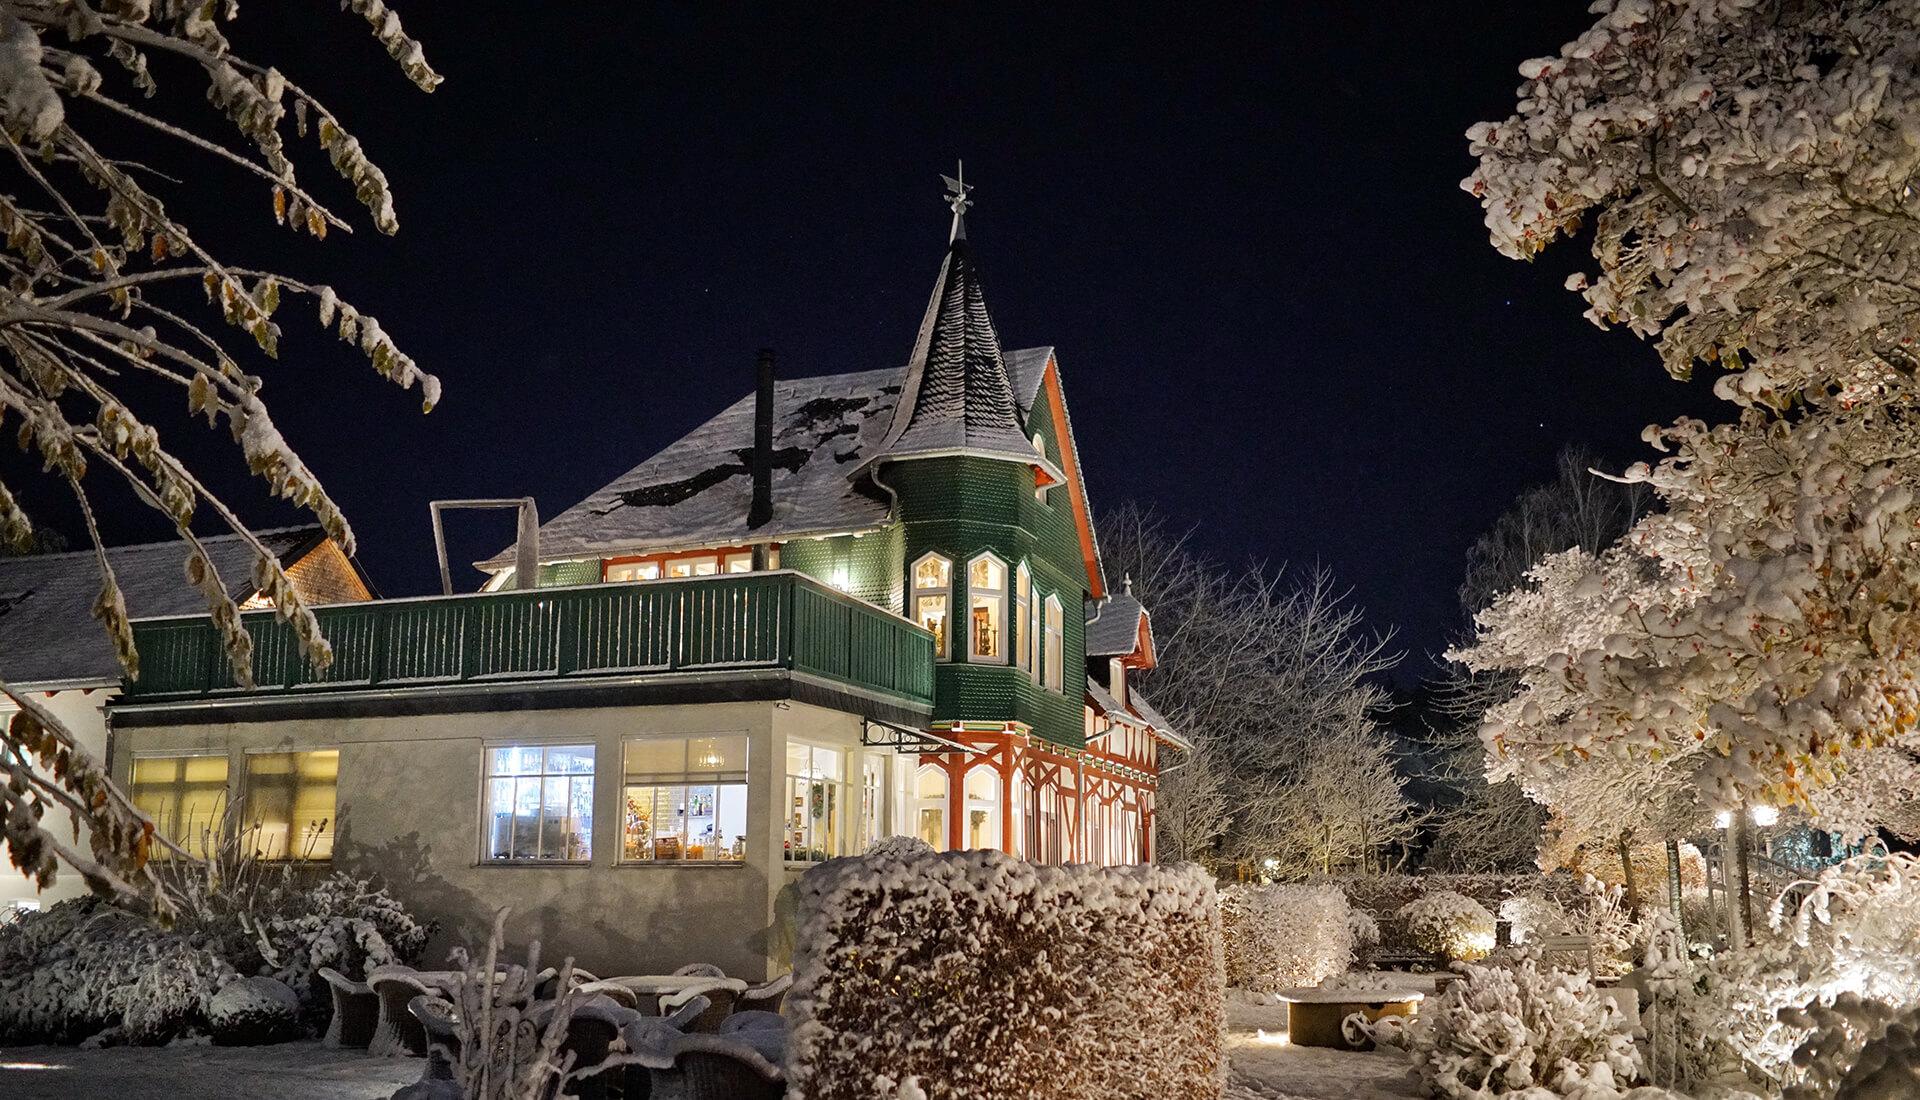 Das Restaurant Waldschlösschen in Dagobertshausen im Winter